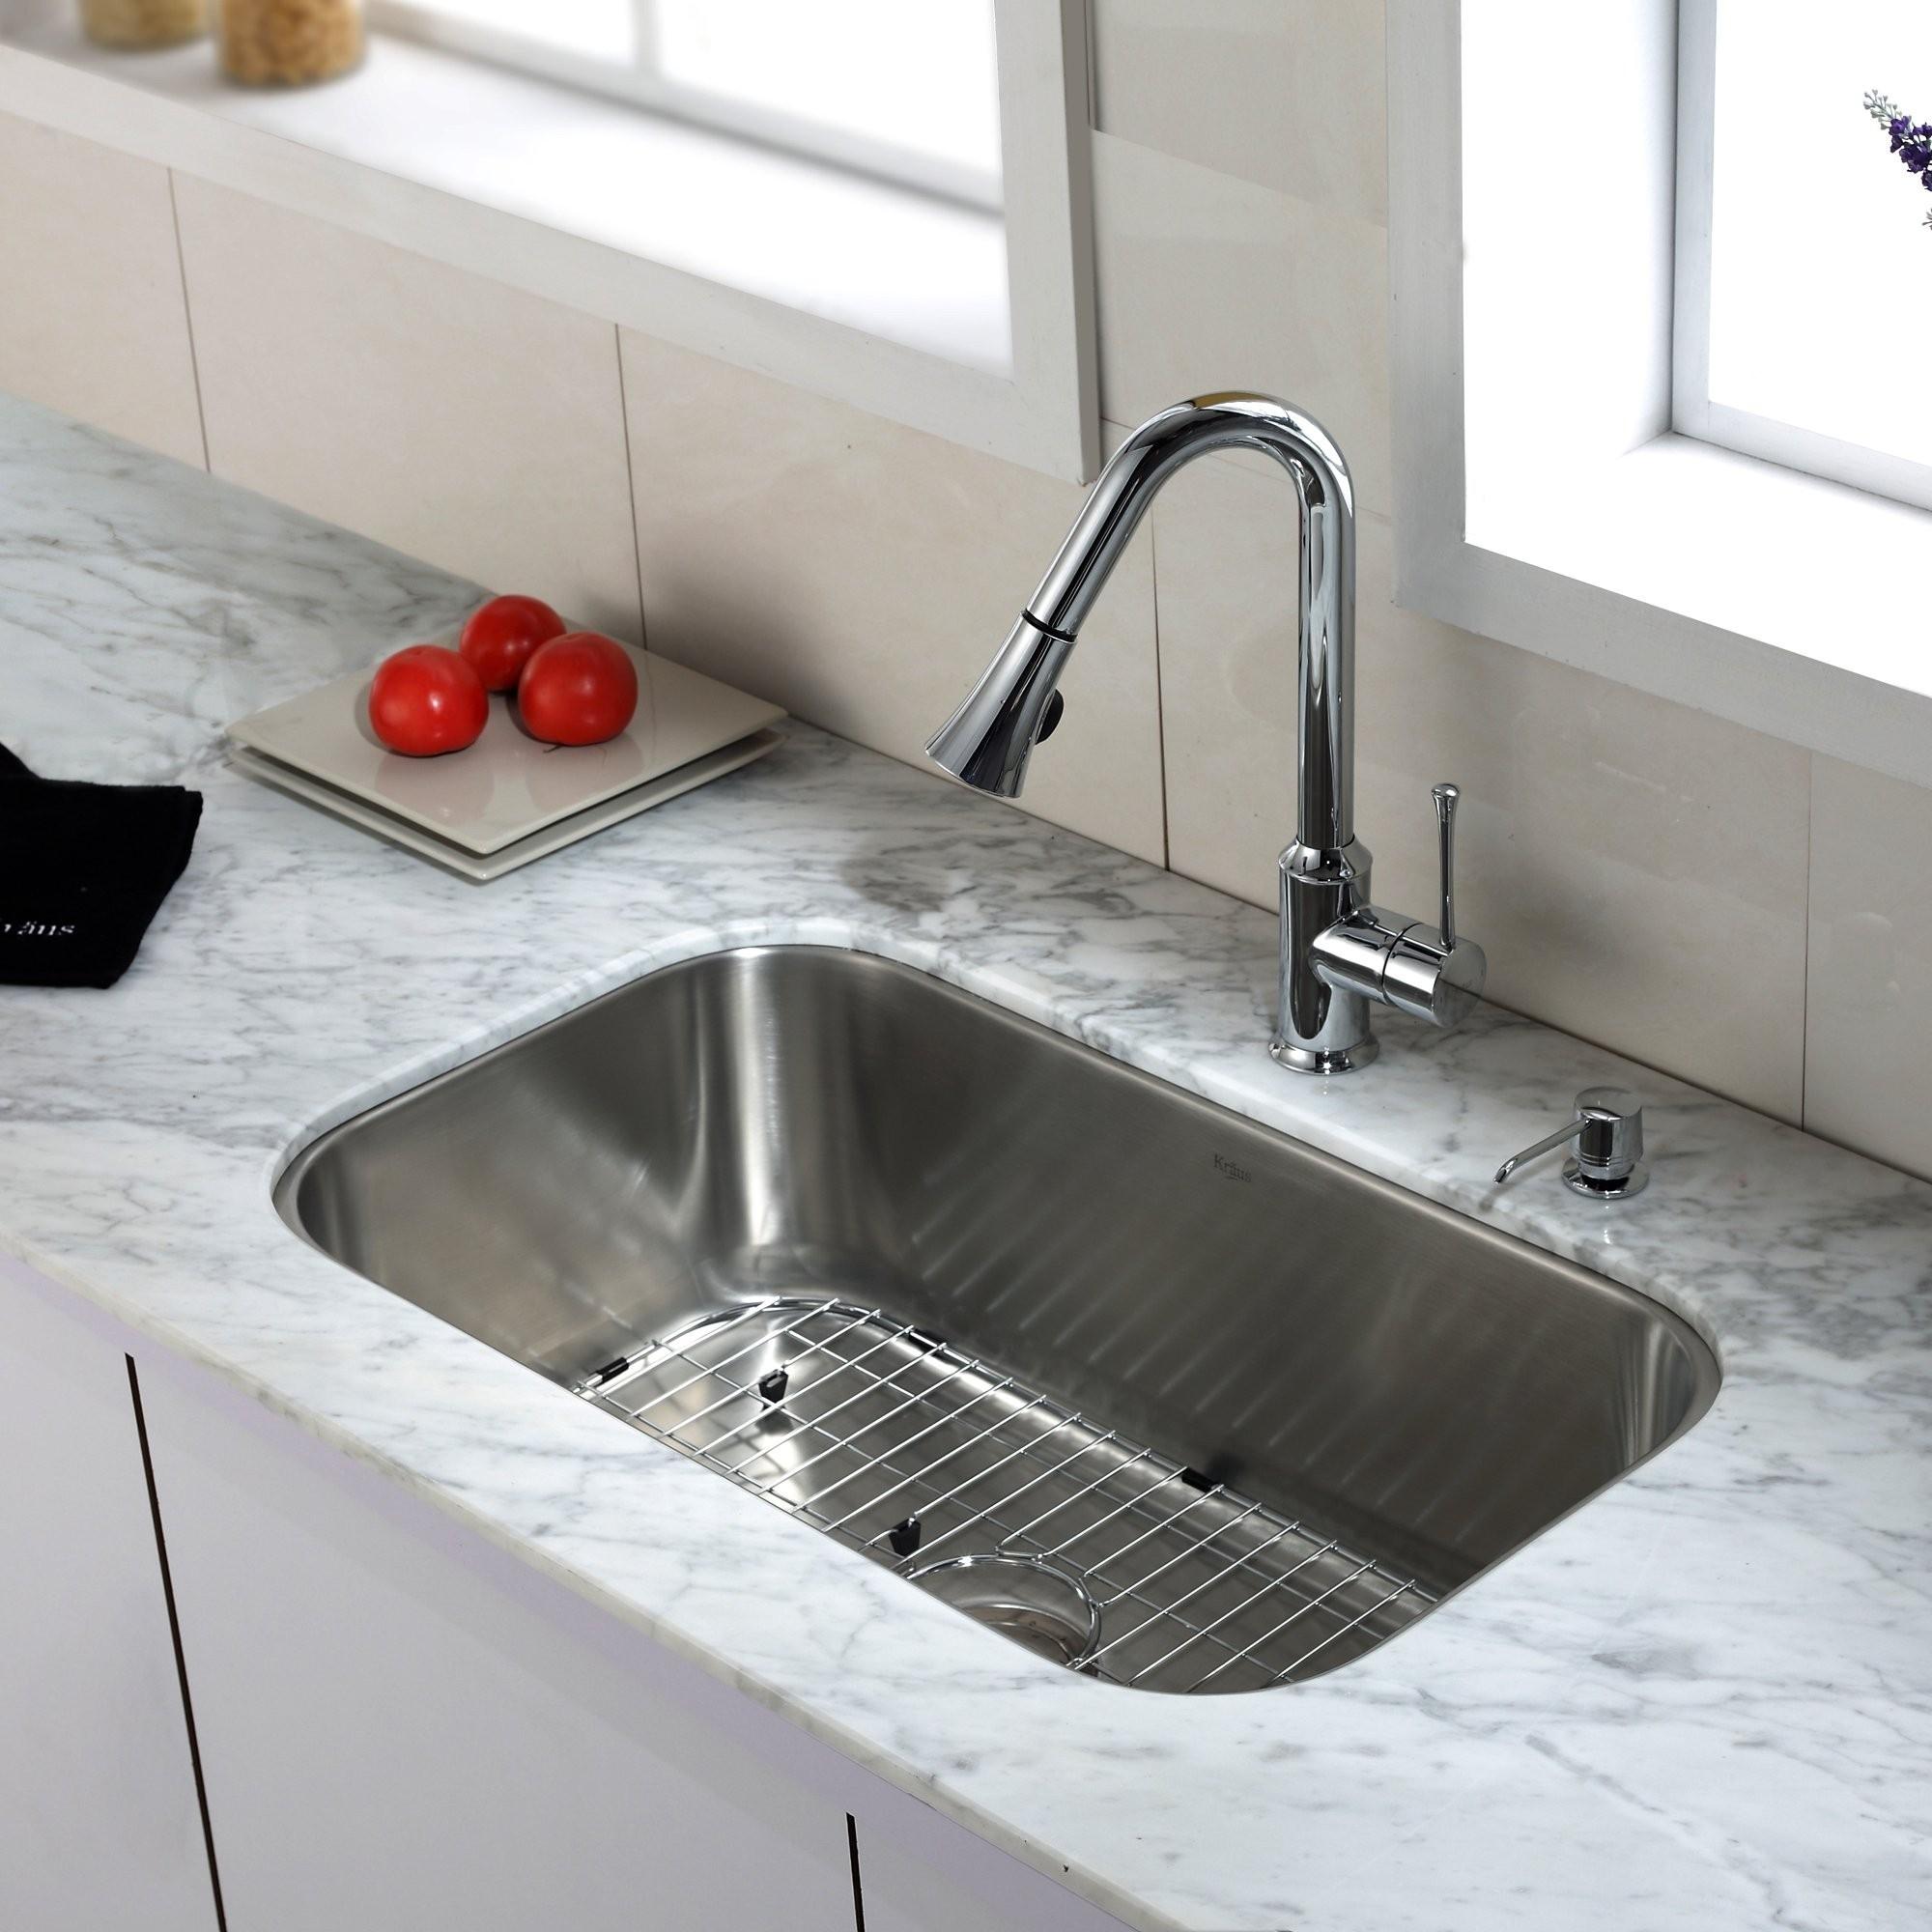 best kitchen faucet for undermount sink best kitchen faucet for undermount sink 100 top rated kitchen sink faucets kitchen faucet amazing 2000 x 2000